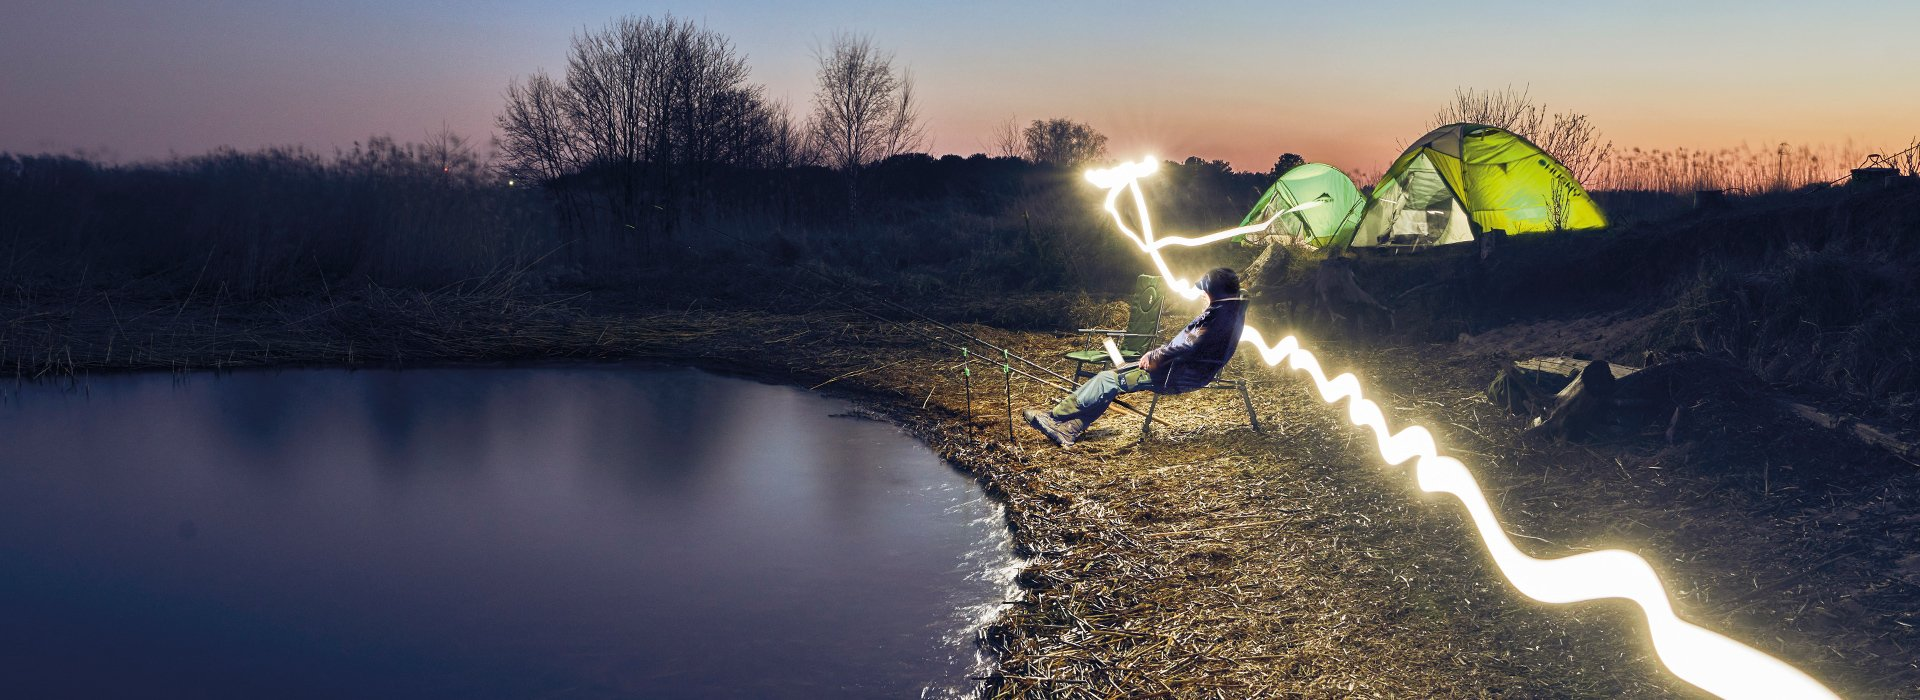 Linterna con cargador DeeperIlumine sus actividades al aire libre